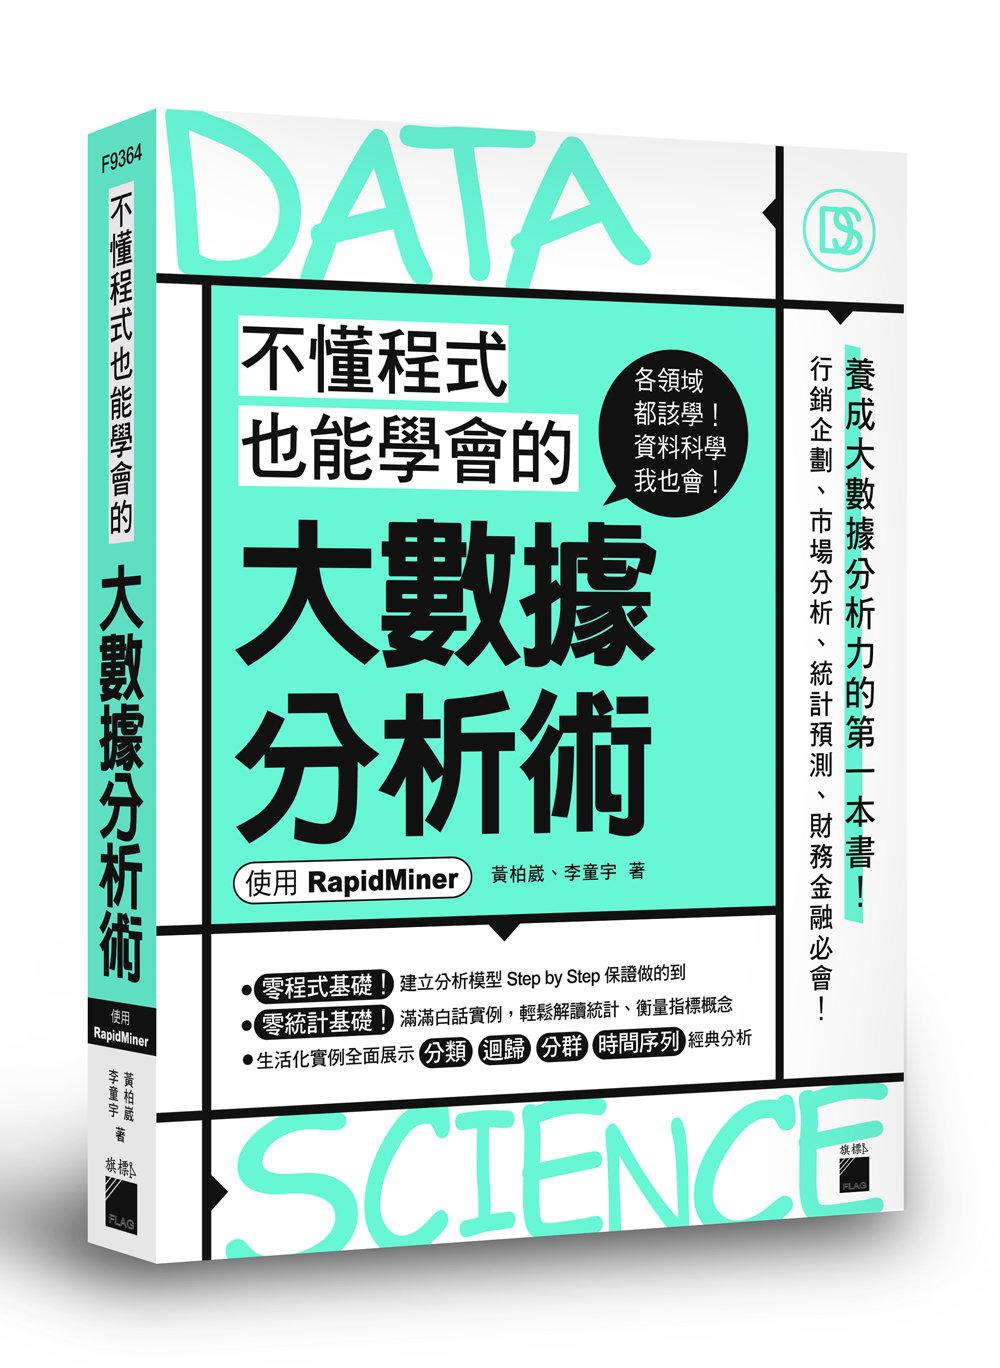 不懂程式也能學會的大數據分析術 - 使用 RapidMiner-preview-1